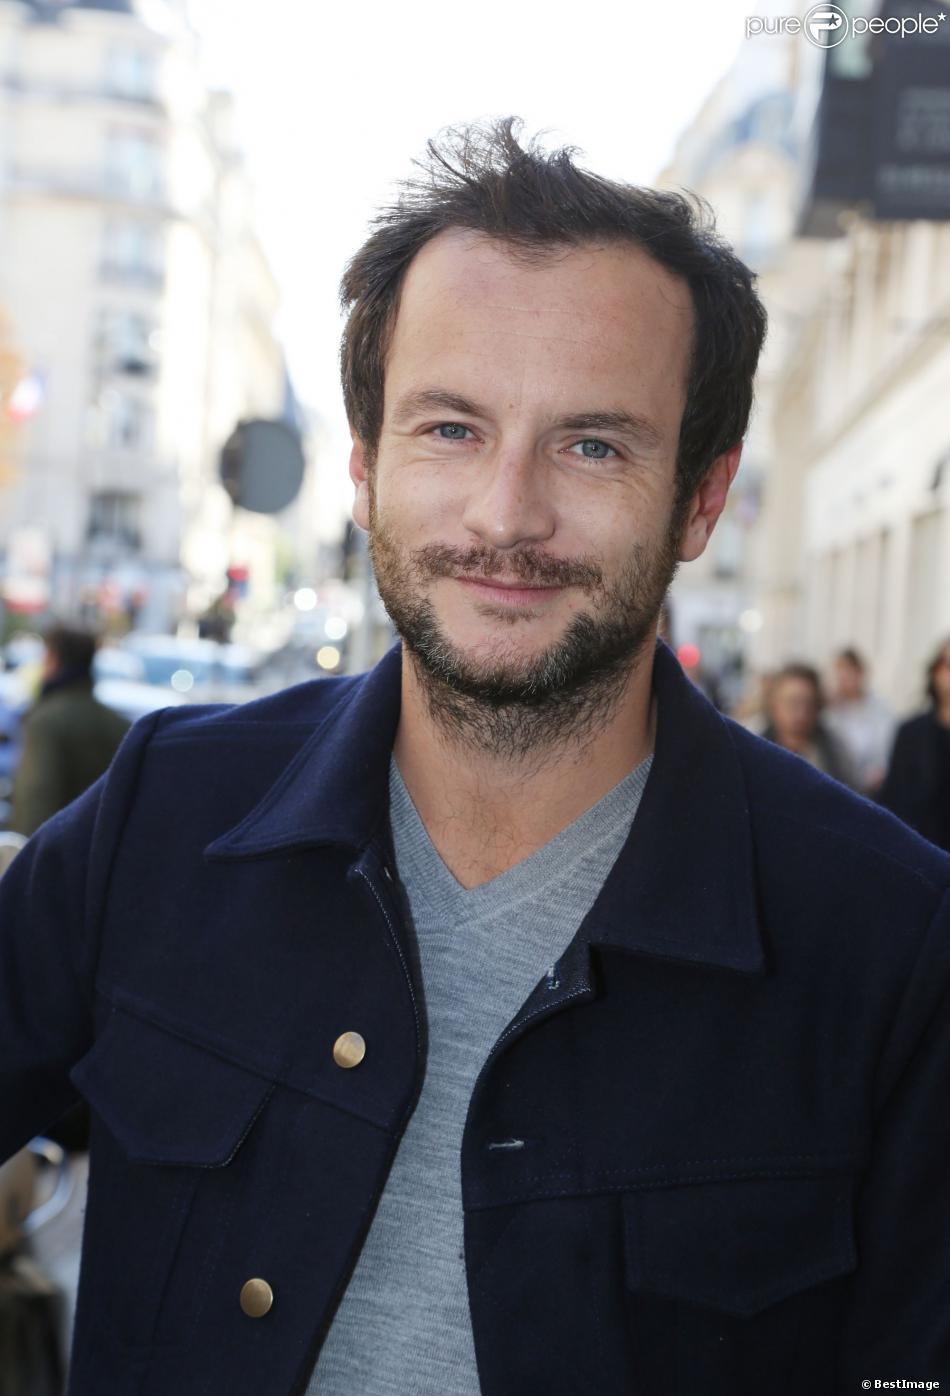 Exclusif - Jérémy Michalak - People arrivant à un enregistrement à la Radio Europe 1 à Paris, le 23 octobre 2013.